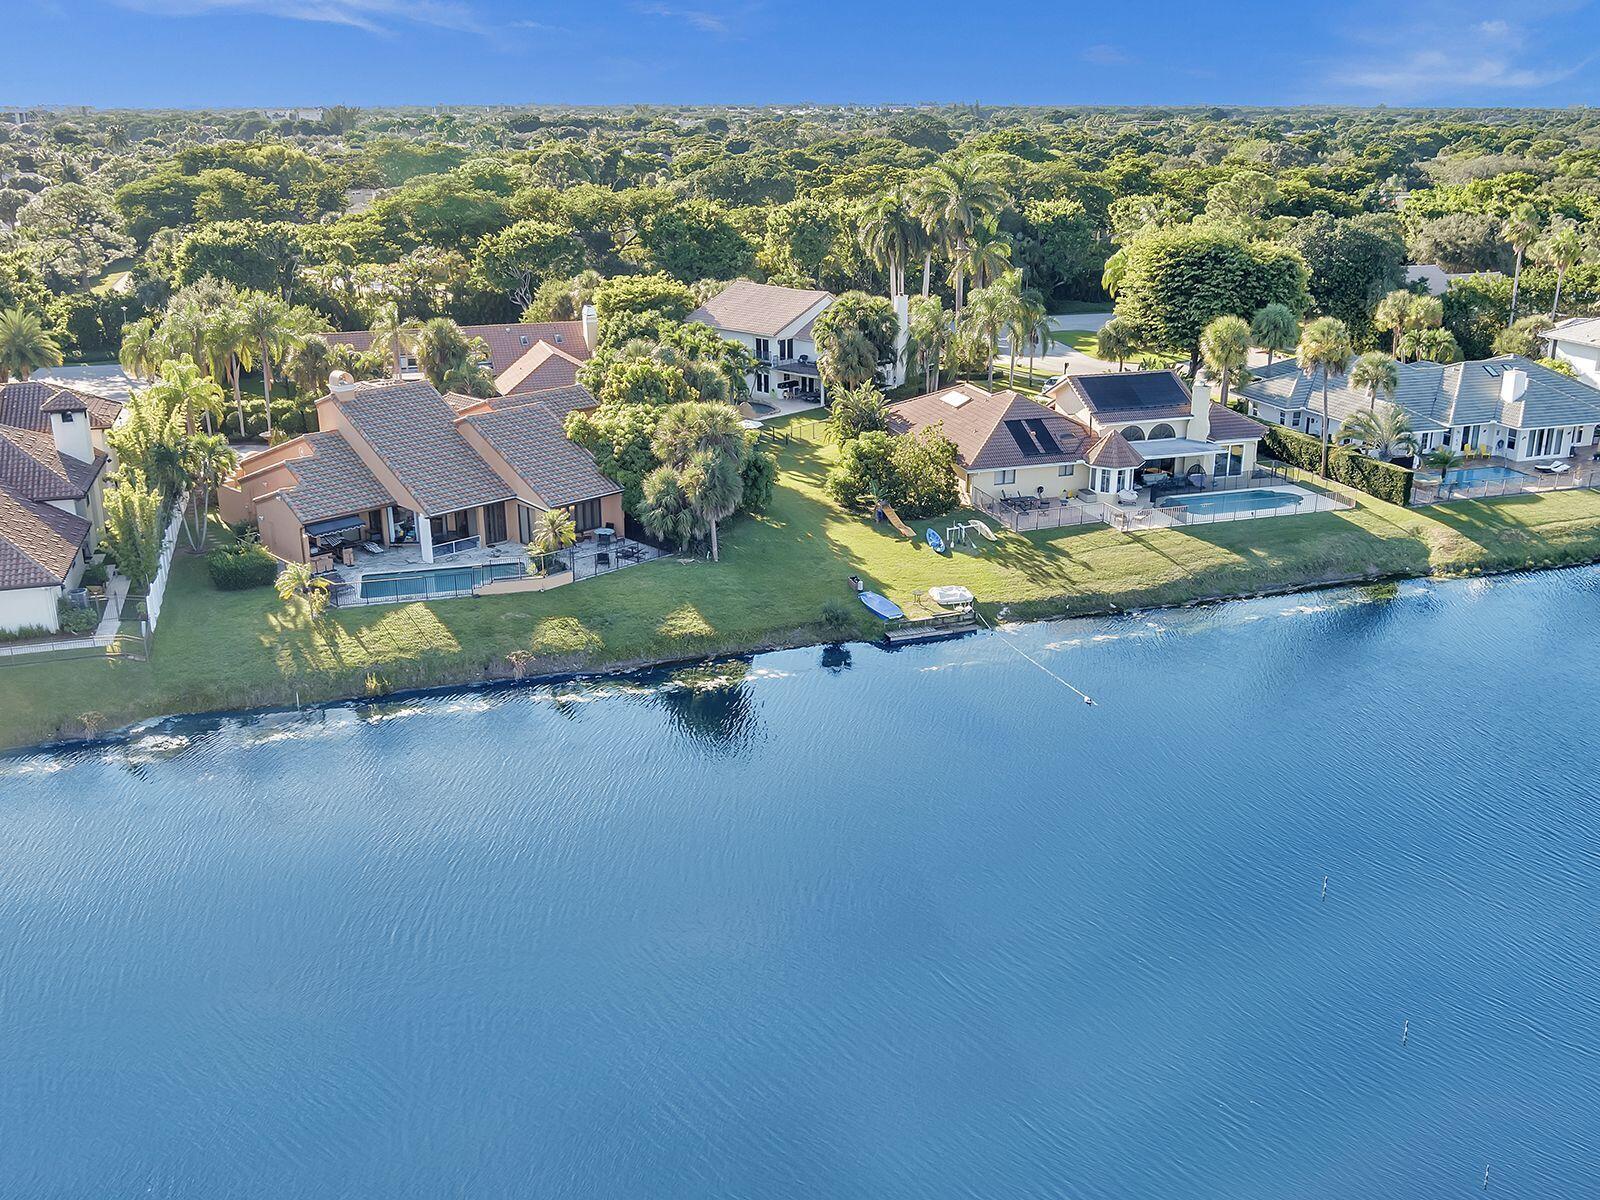 Lake Camino